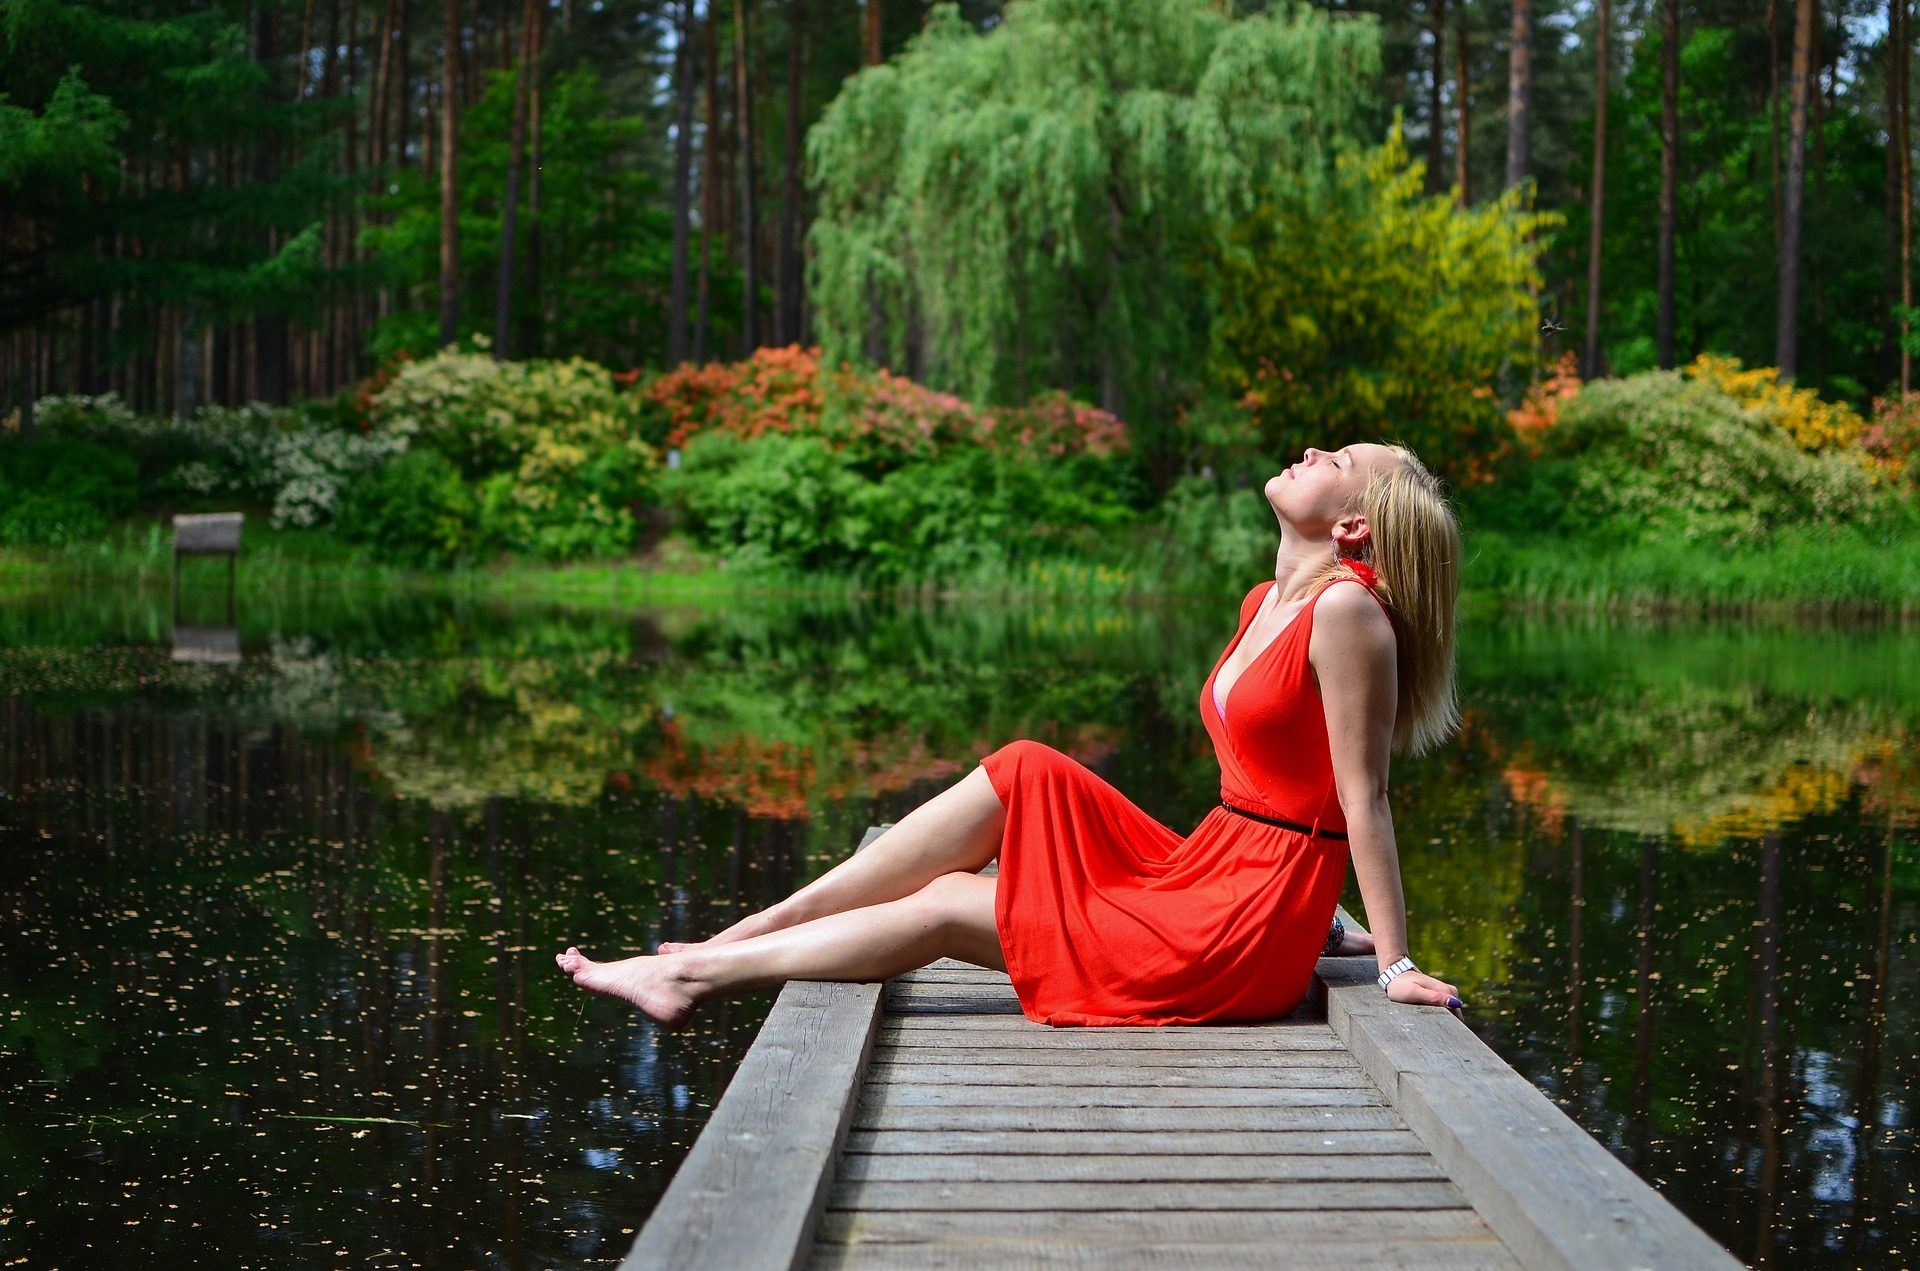 امرأة, فستان, الأحمر, رصيف, بحيرة, الاسترخاء, الغابات - خلفيات عالية الدقة - أستاذ falken.com